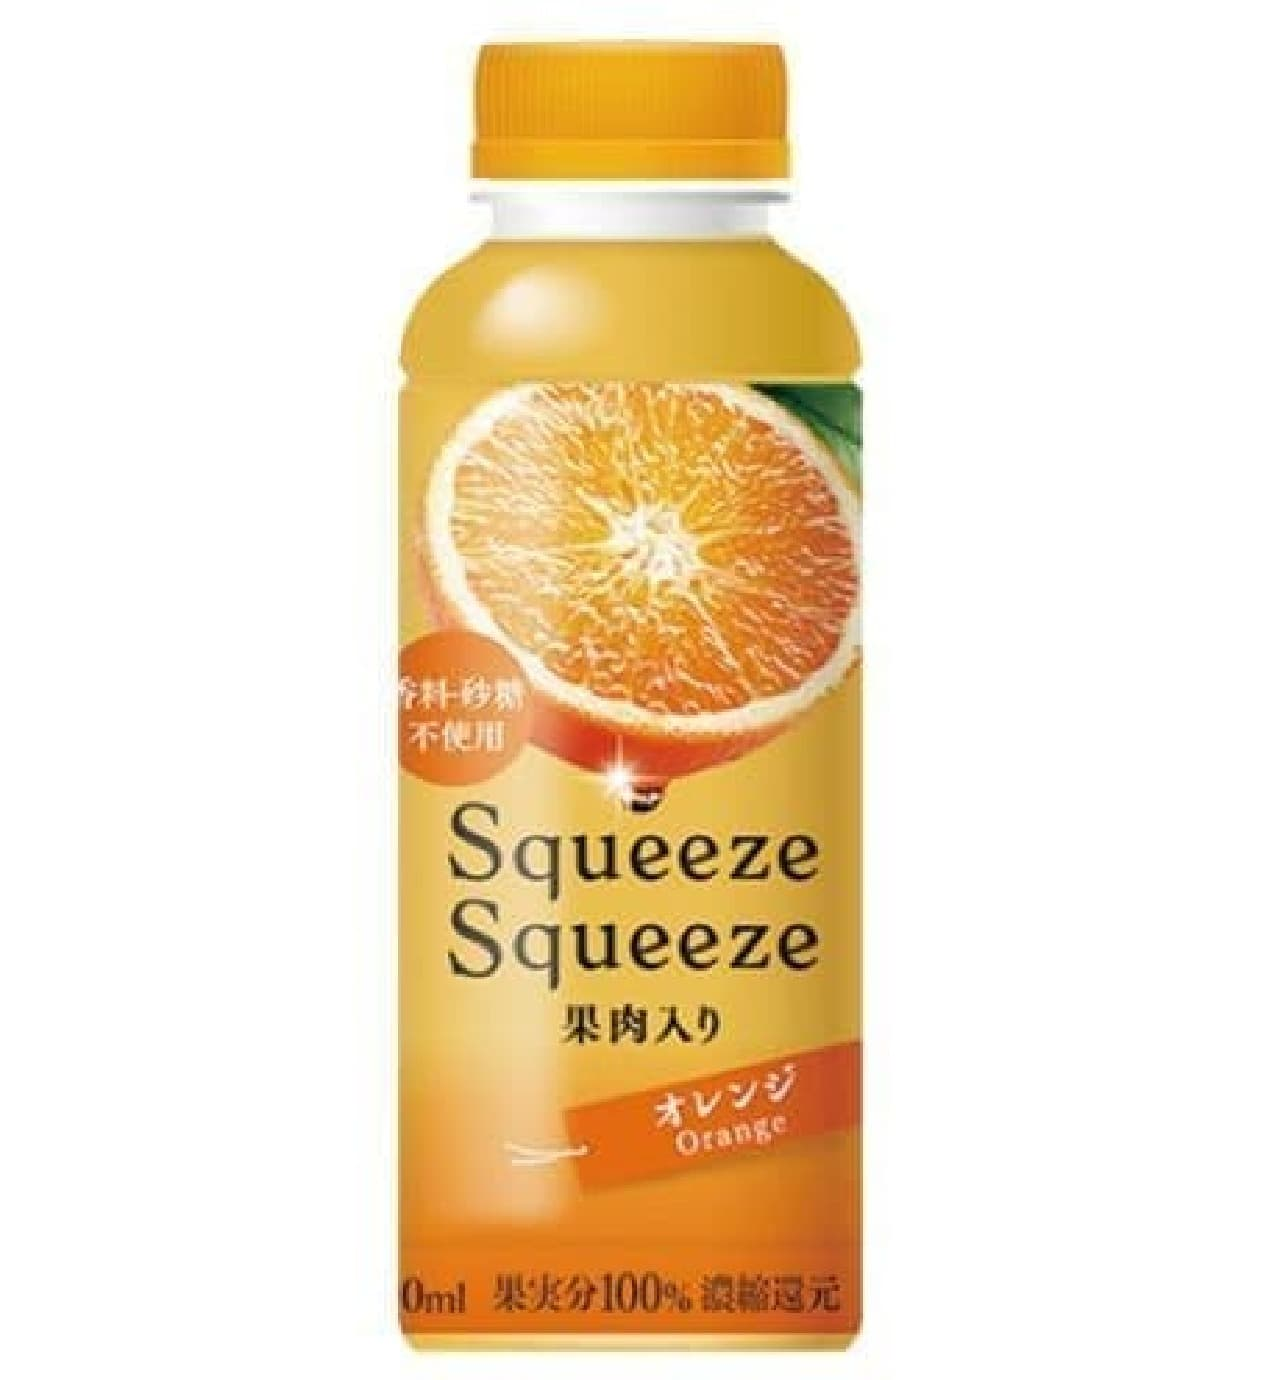 スクイーズスクイーズ オレンジ